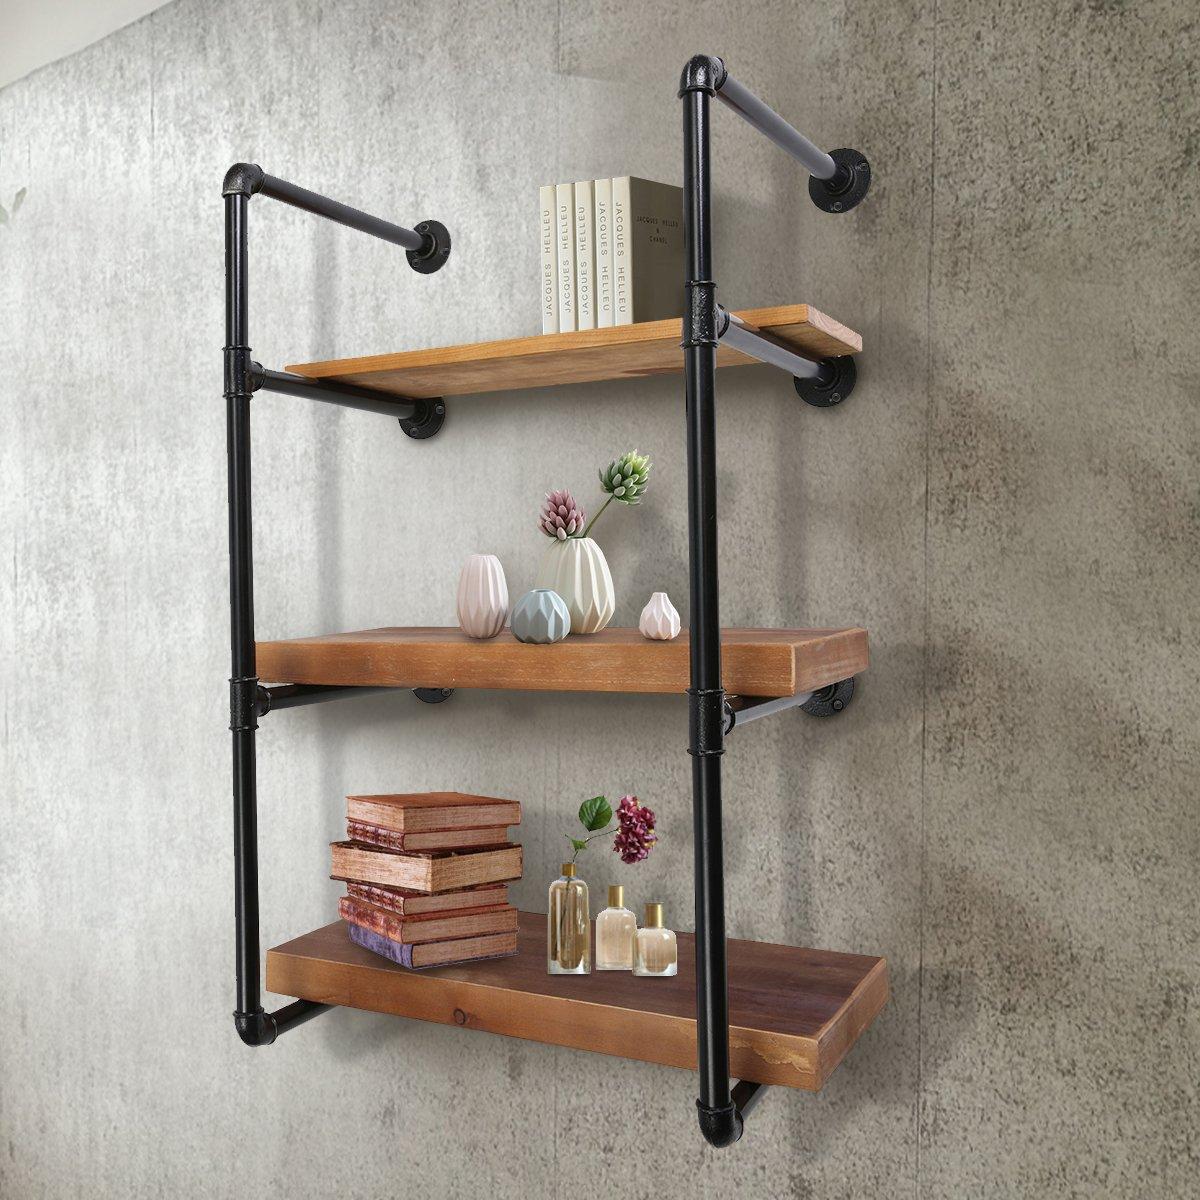 Bella libreria da parete in ferro con mensole in legno, perfetto per arredare casa in stile industriale.